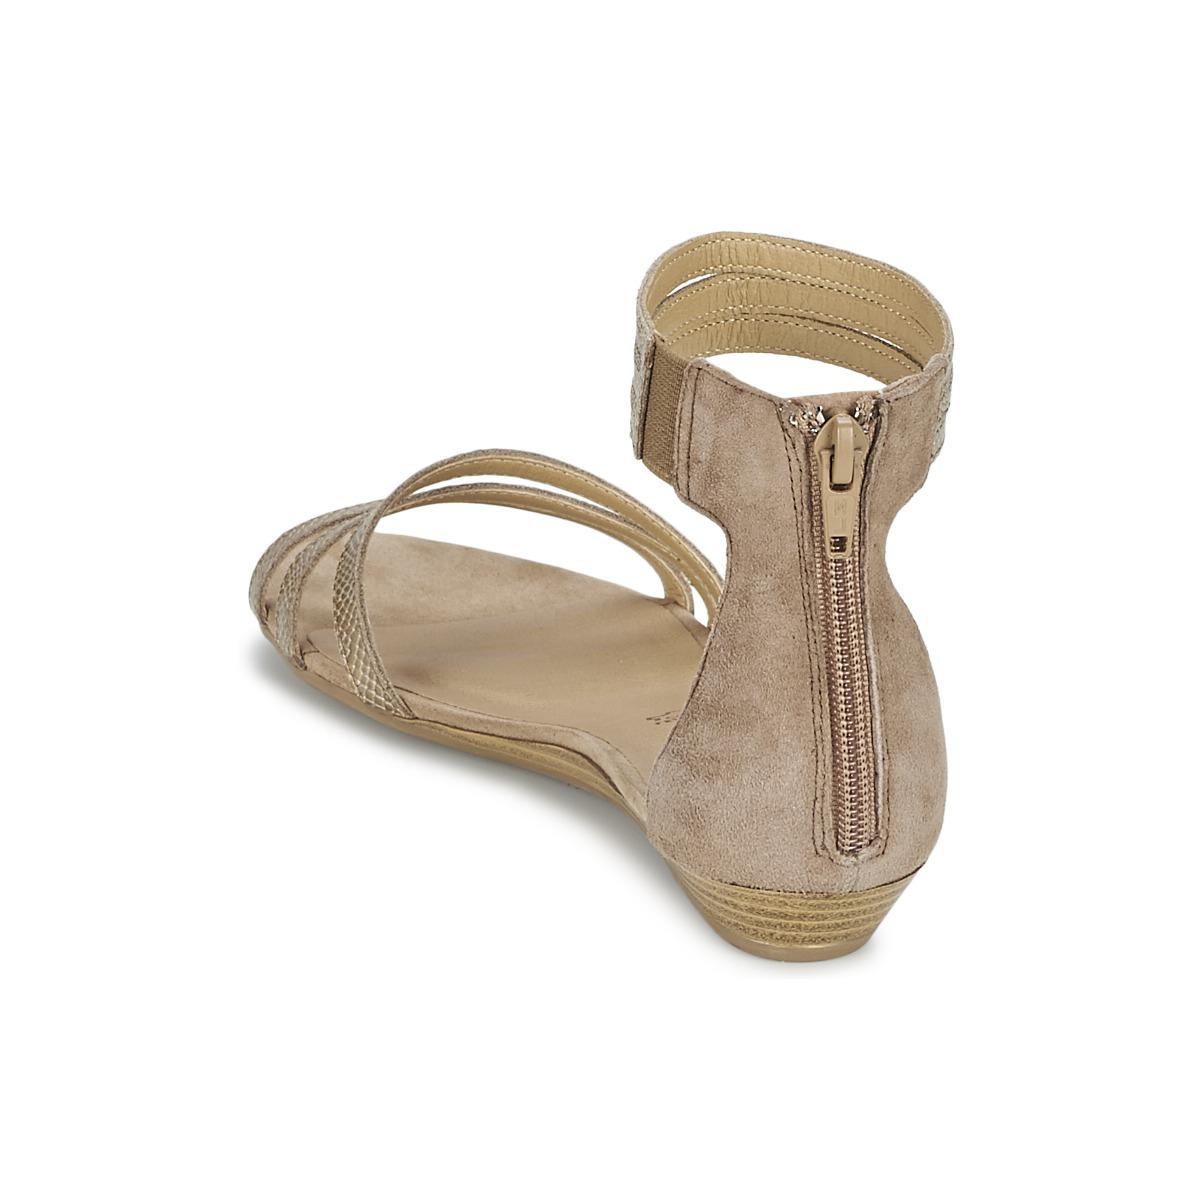 Bottine femme besson chaussure